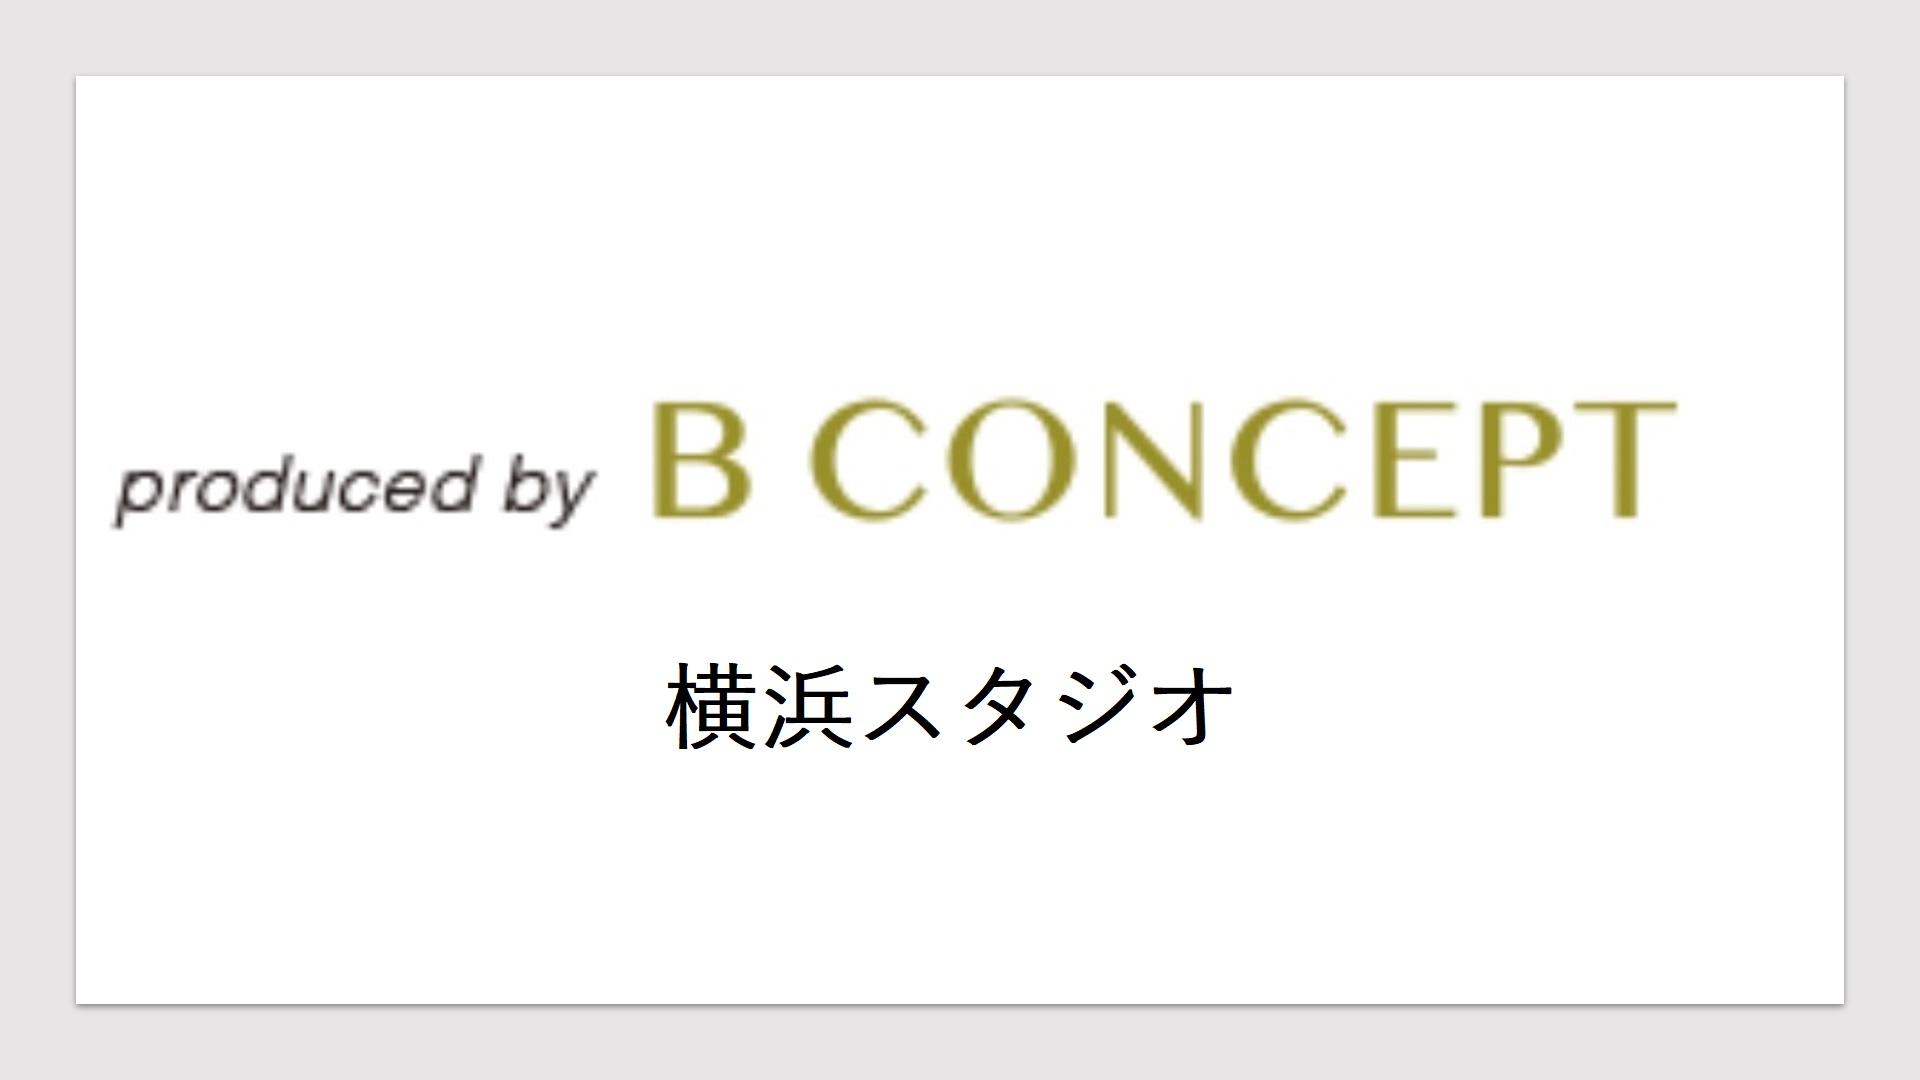 ビーコンセプト(横浜スタジオ)